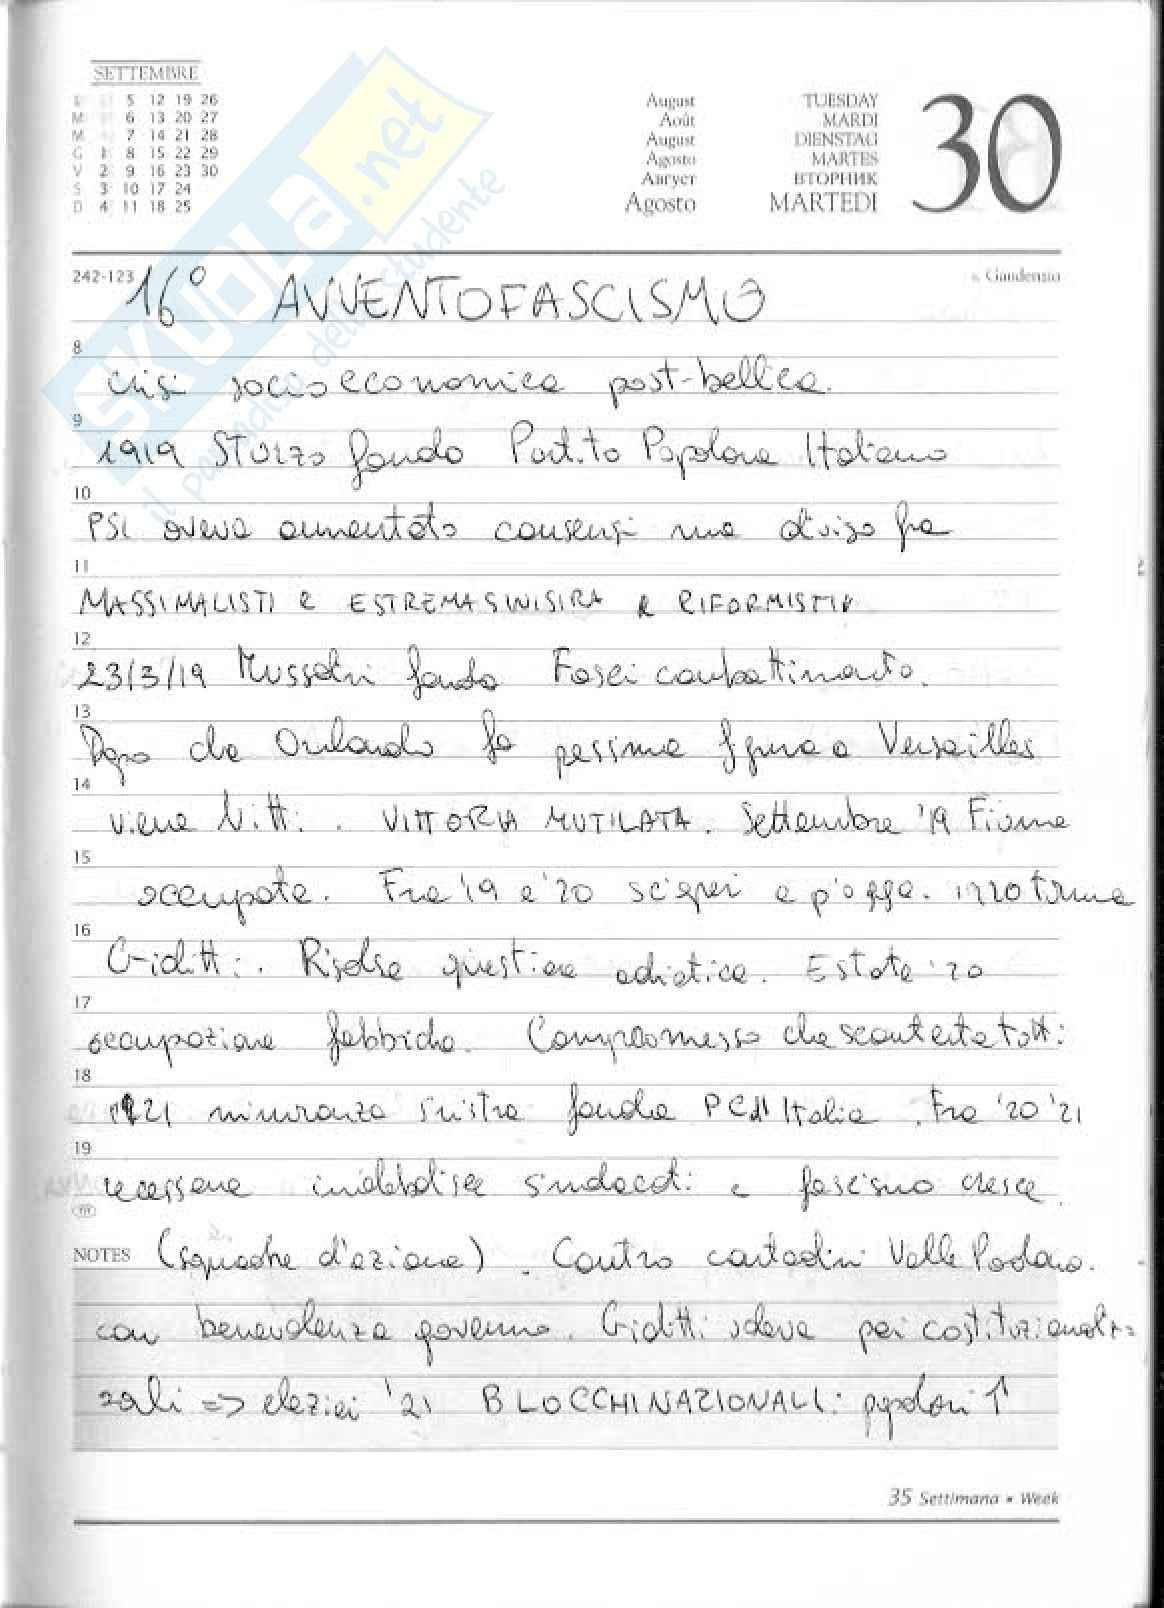 Italia fascista - Sabbatucci, Vidotto